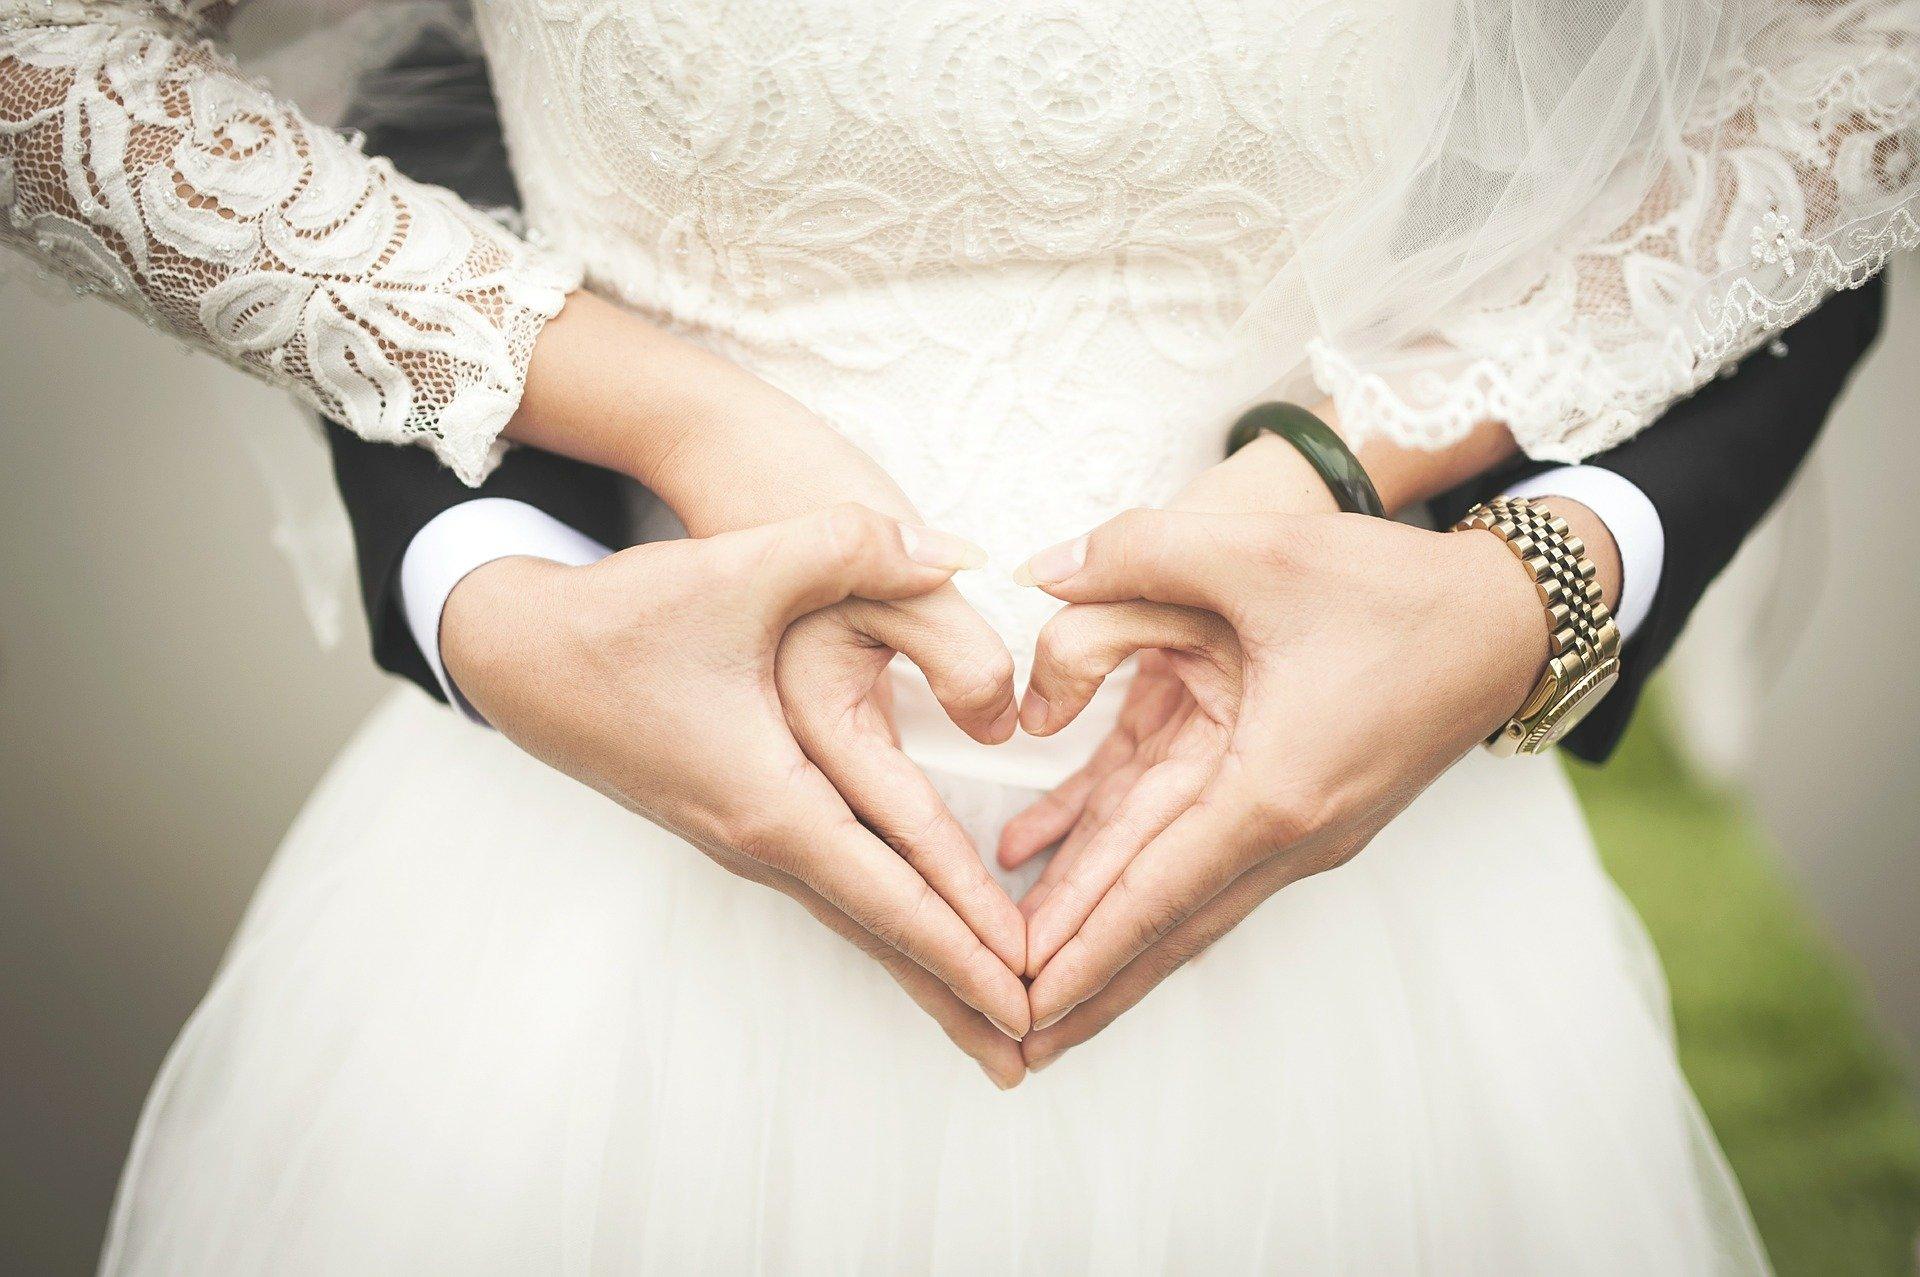 たった3か月で結婚できる!?あなたの出会い運と「結婚相手」をゲットする方法